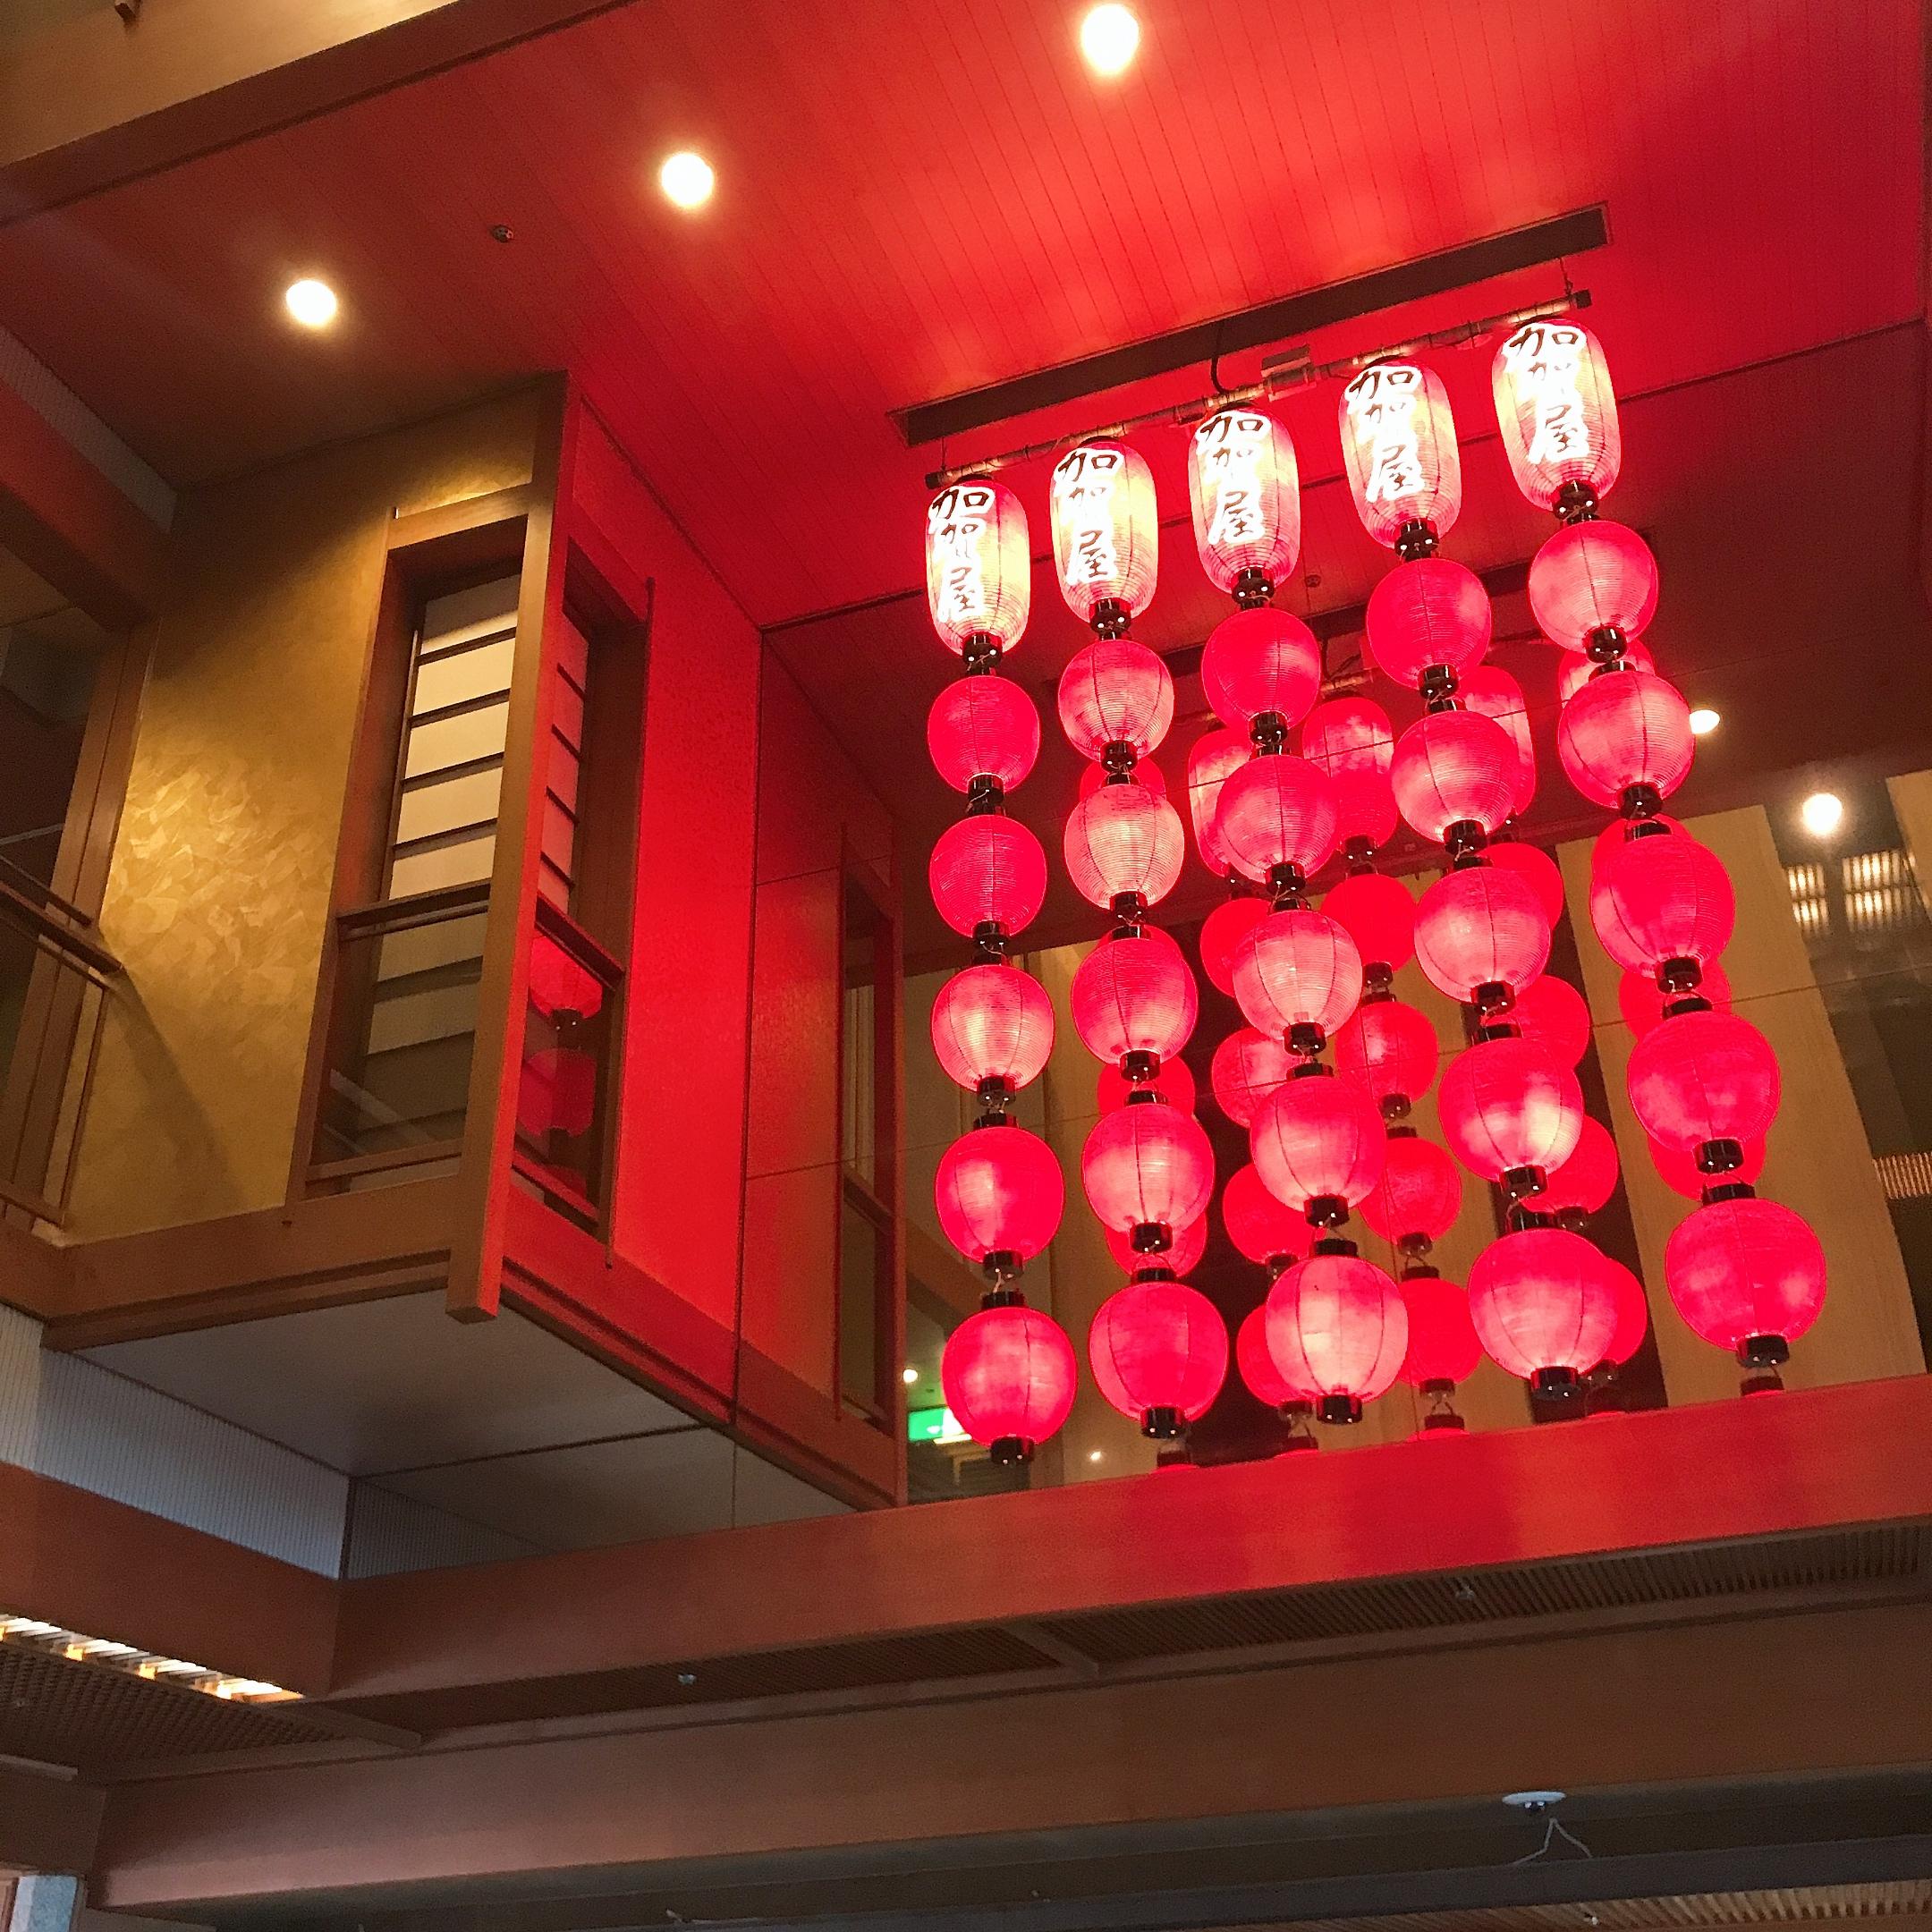 金沢女子旅特集 - 日帰り・週末旅行に! 金沢21世紀美術館など観光地やグルメまとめ_37